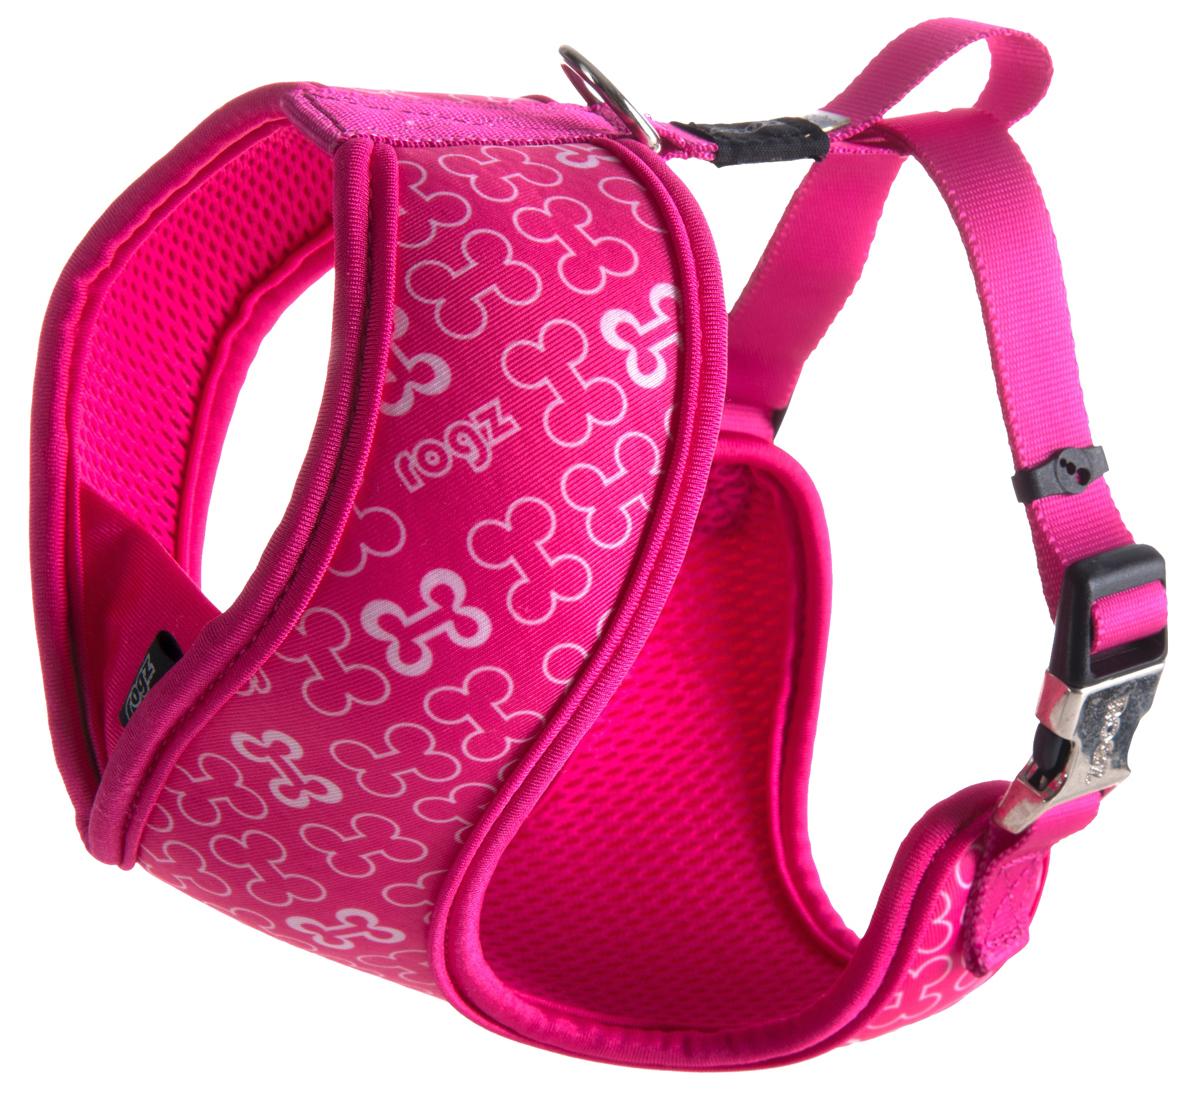 Шлейка-манишка для собак Rogz Trendy, цвет: розовый. Размер M12171996Шлейка-манишка для собак Rogz Trendy - мягкость для шеи, удобство и комфорт.Сохраняет шерстку в идеальном состоянии.Широкие элементы изделия позволят равномерно распределить нагрузку на шлейку при рывках, обеспечивая, тем самым, здоровье любимцу и целостность изделию.Шлейка полностью отражает свет.